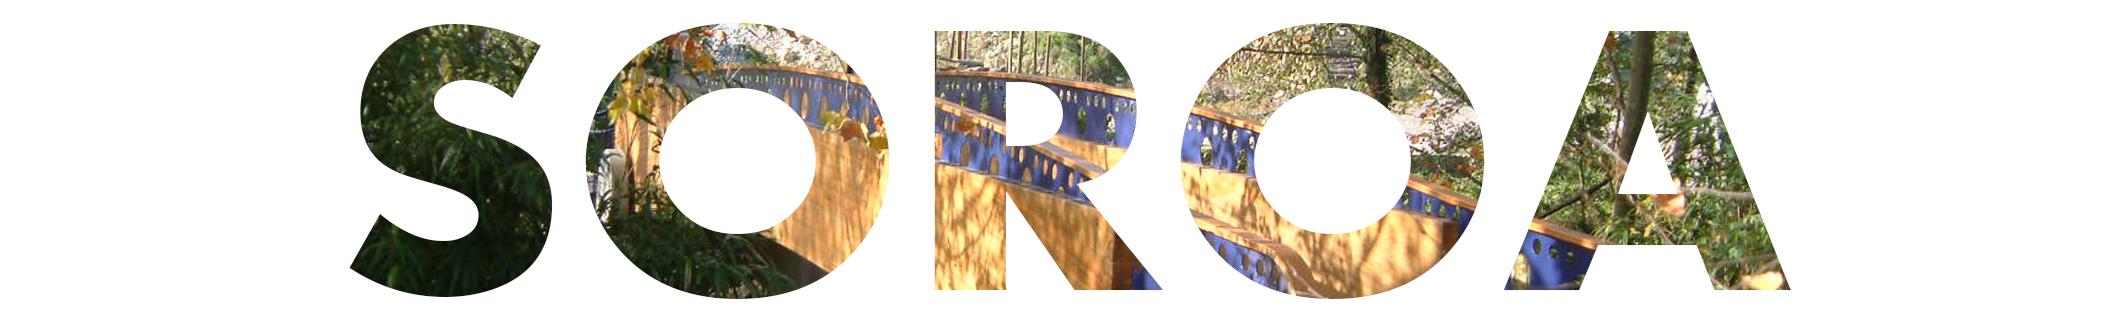 imagen de entrada a la web soroa escrito con un fondo de un edificio